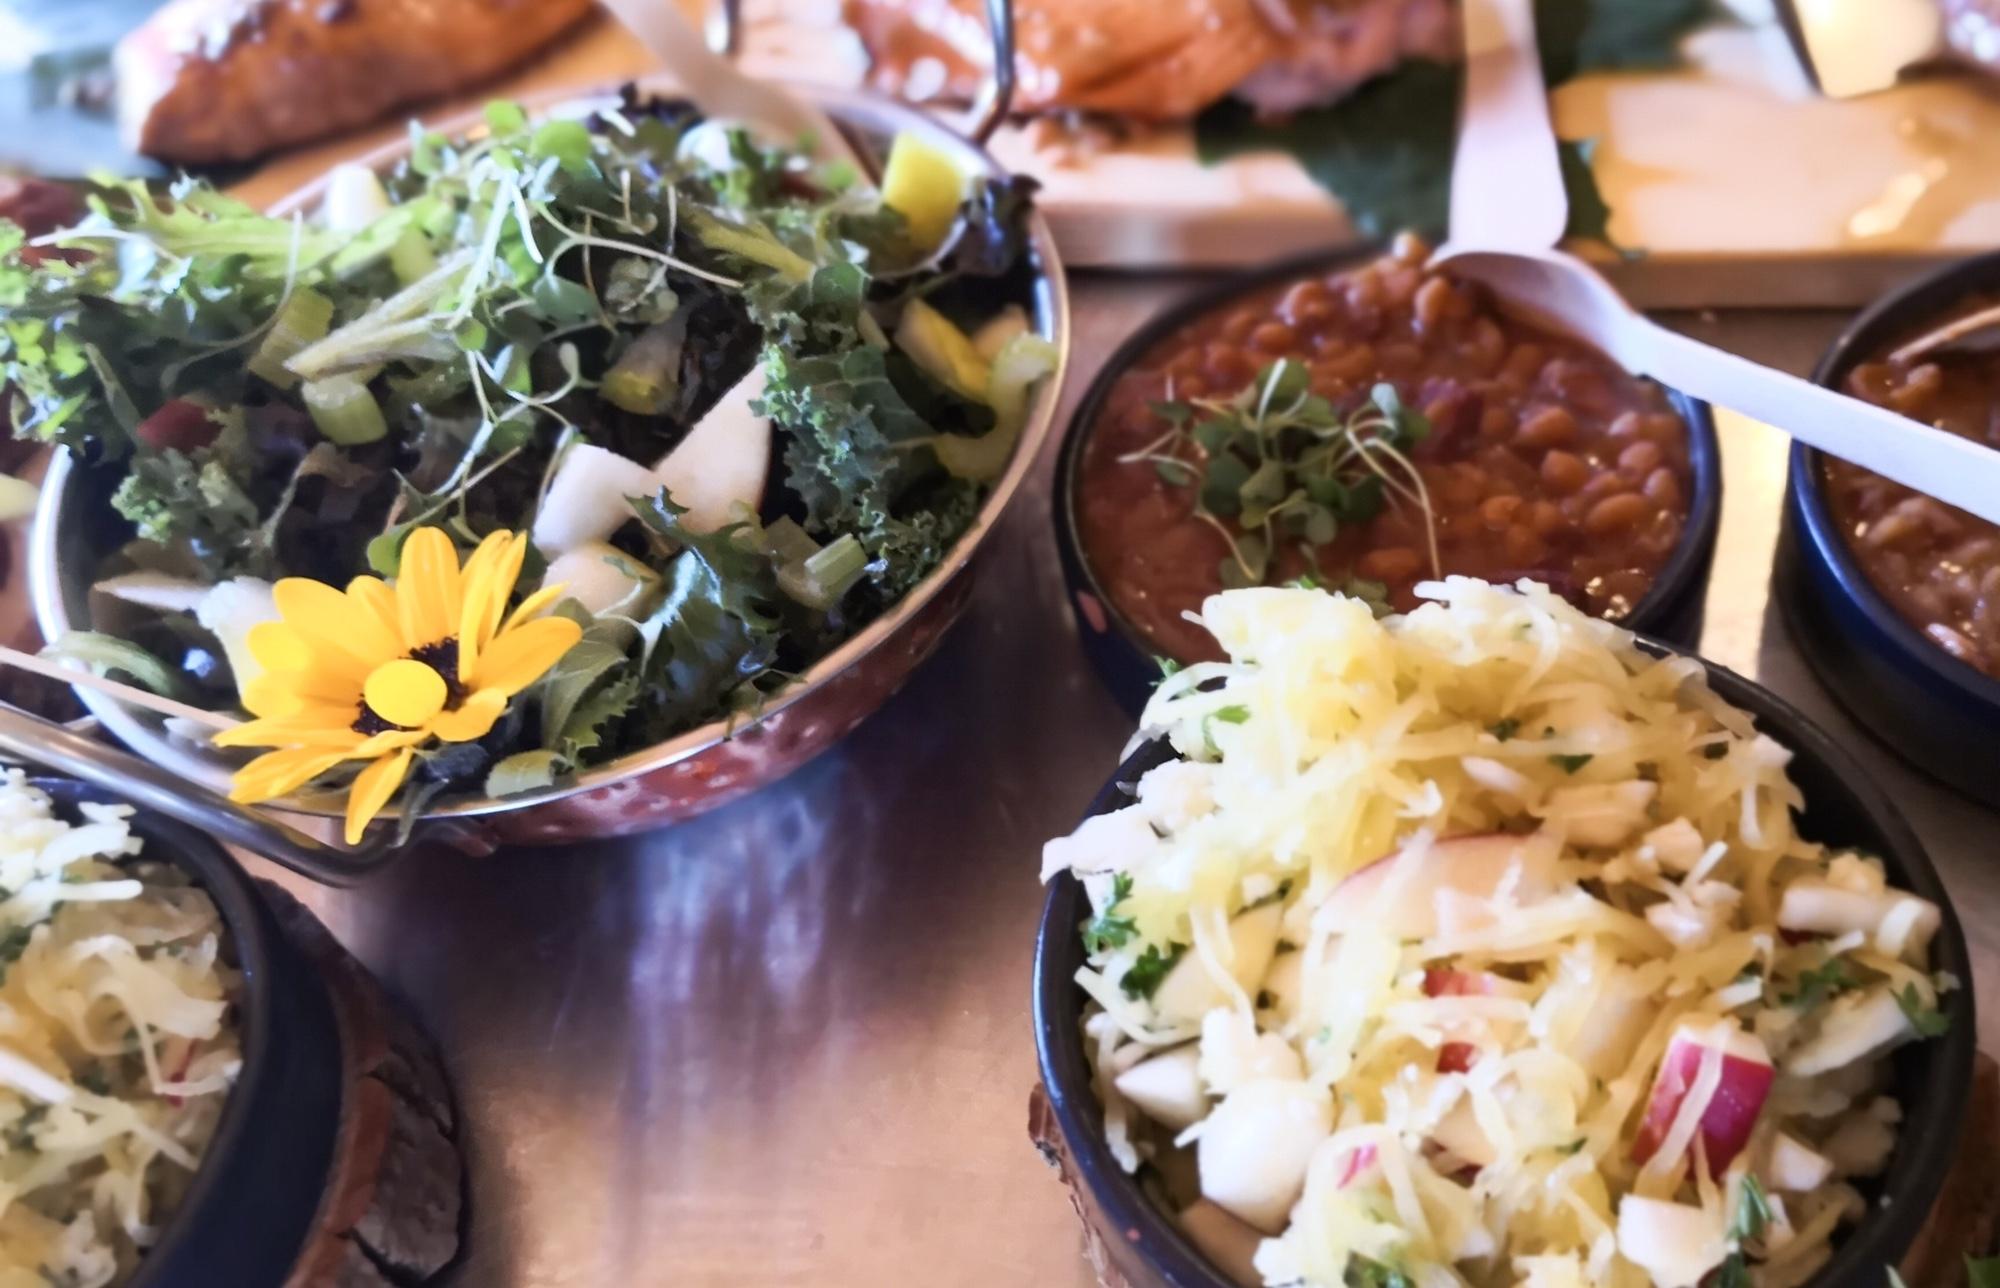 ローレンシャングルメのランチにおすすめLabonte de la pomme(ラ ボンテ デラ ポム)のサラダ